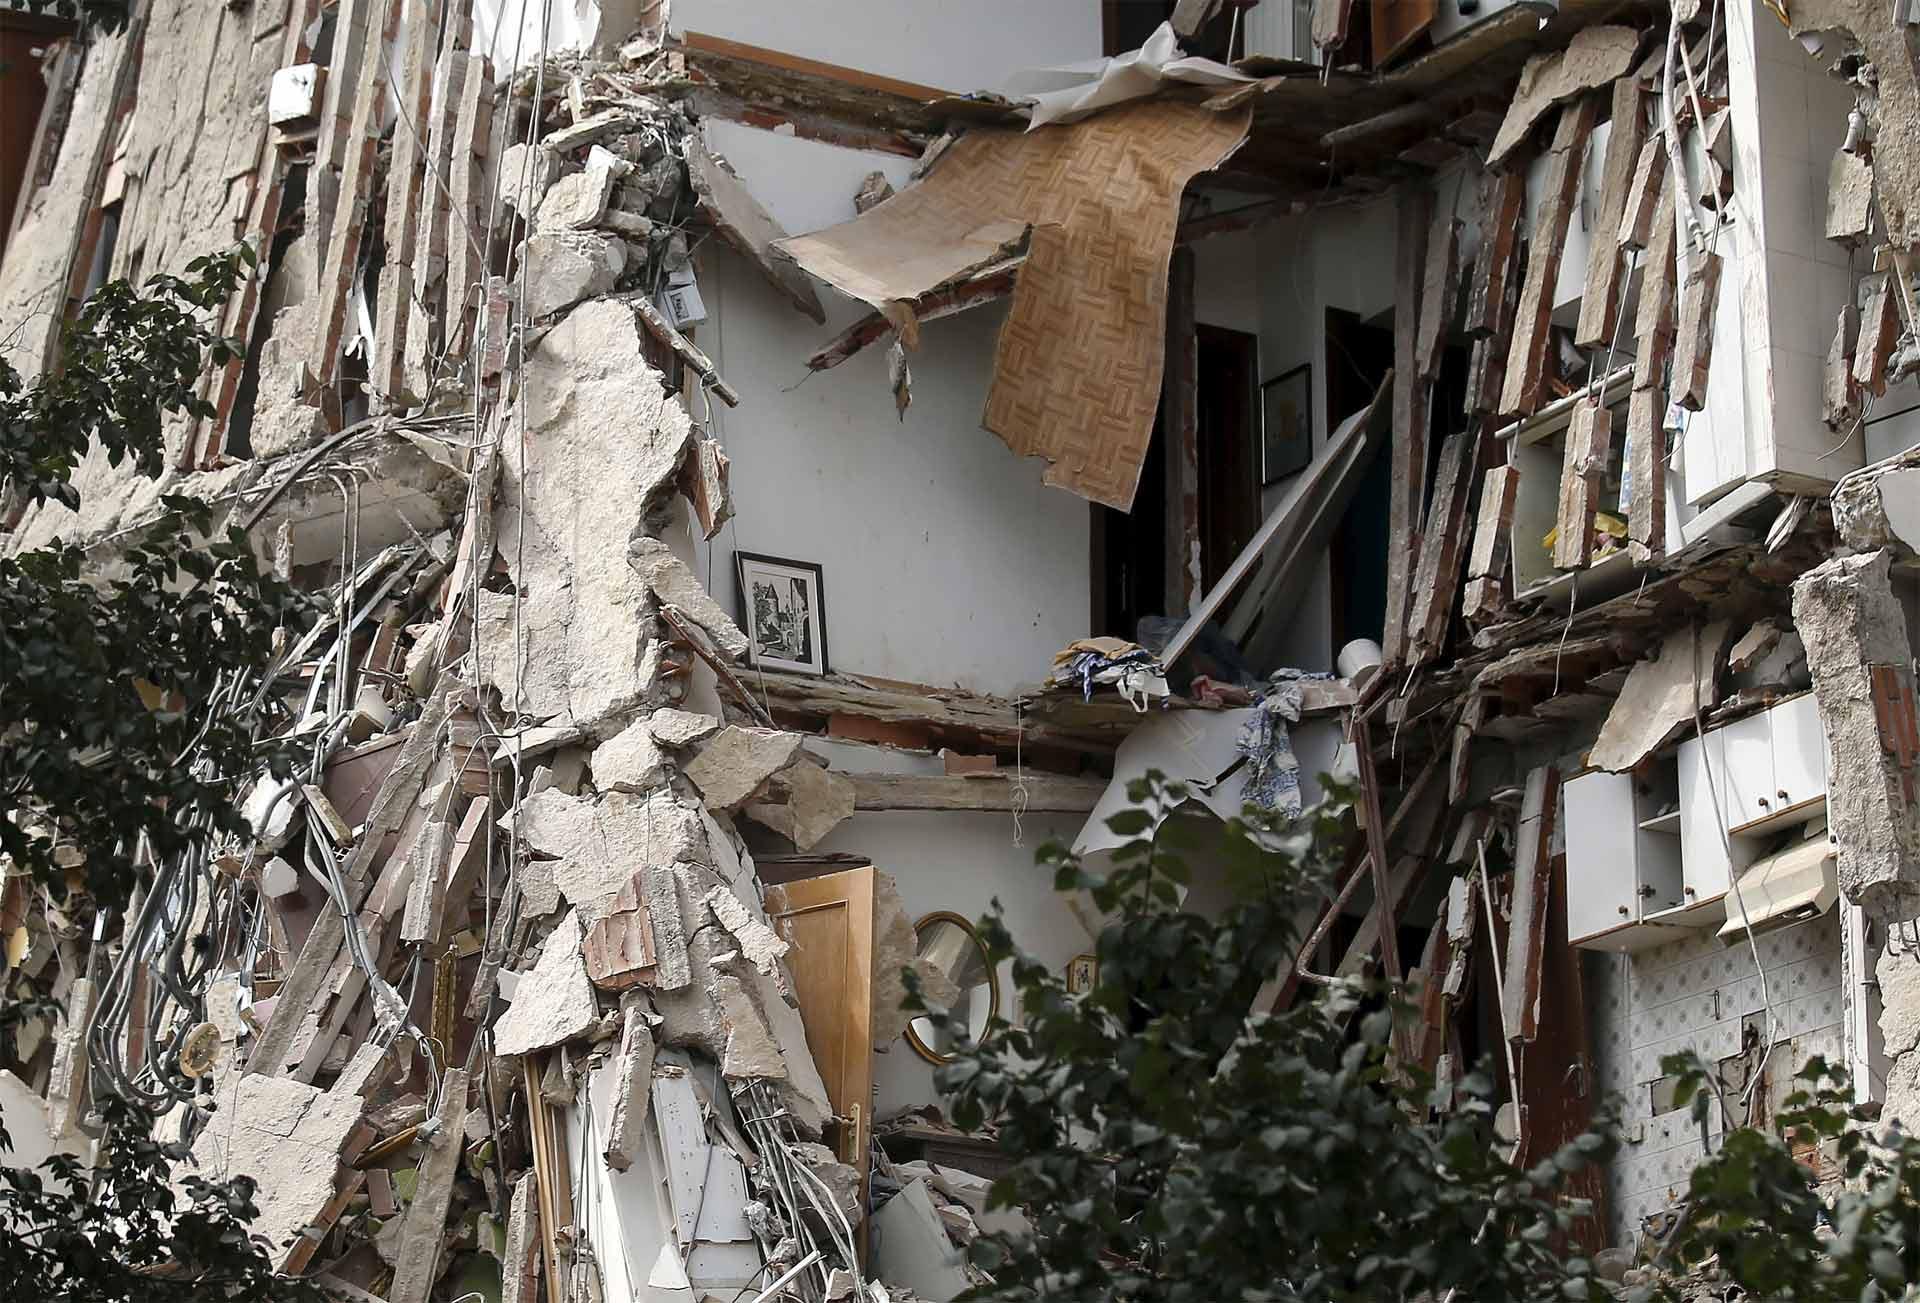 Una torre de viviendas de cuatro pisos colapsó pocas horas después de que fueran desalojados sus habitantes